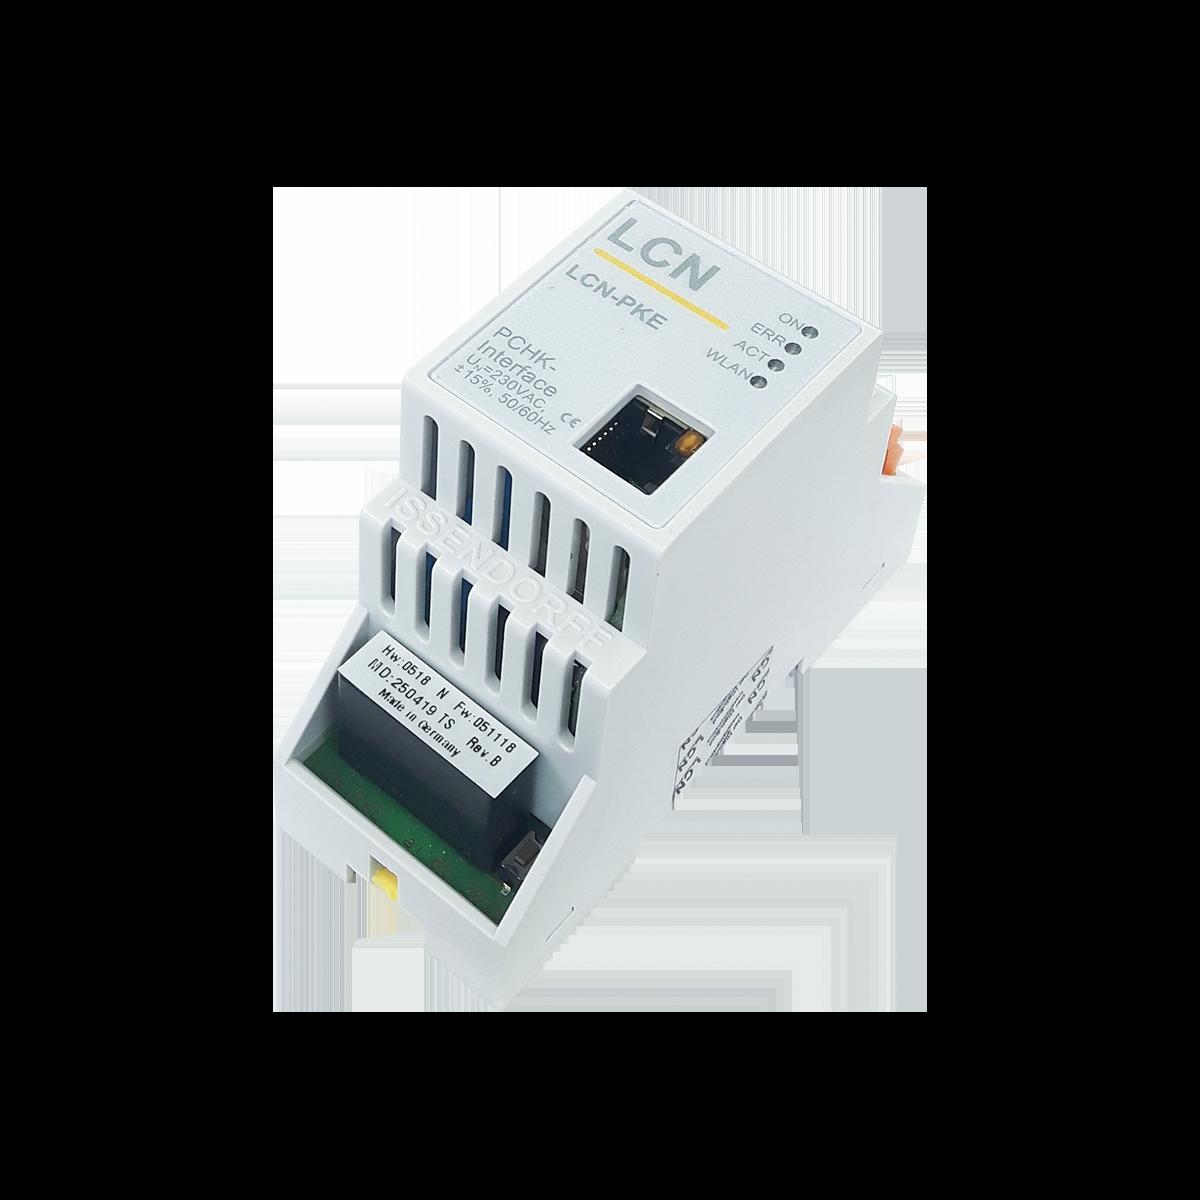 LCN-PKE | Koppler | LCN Smart Home | Dallmann Elektro ...